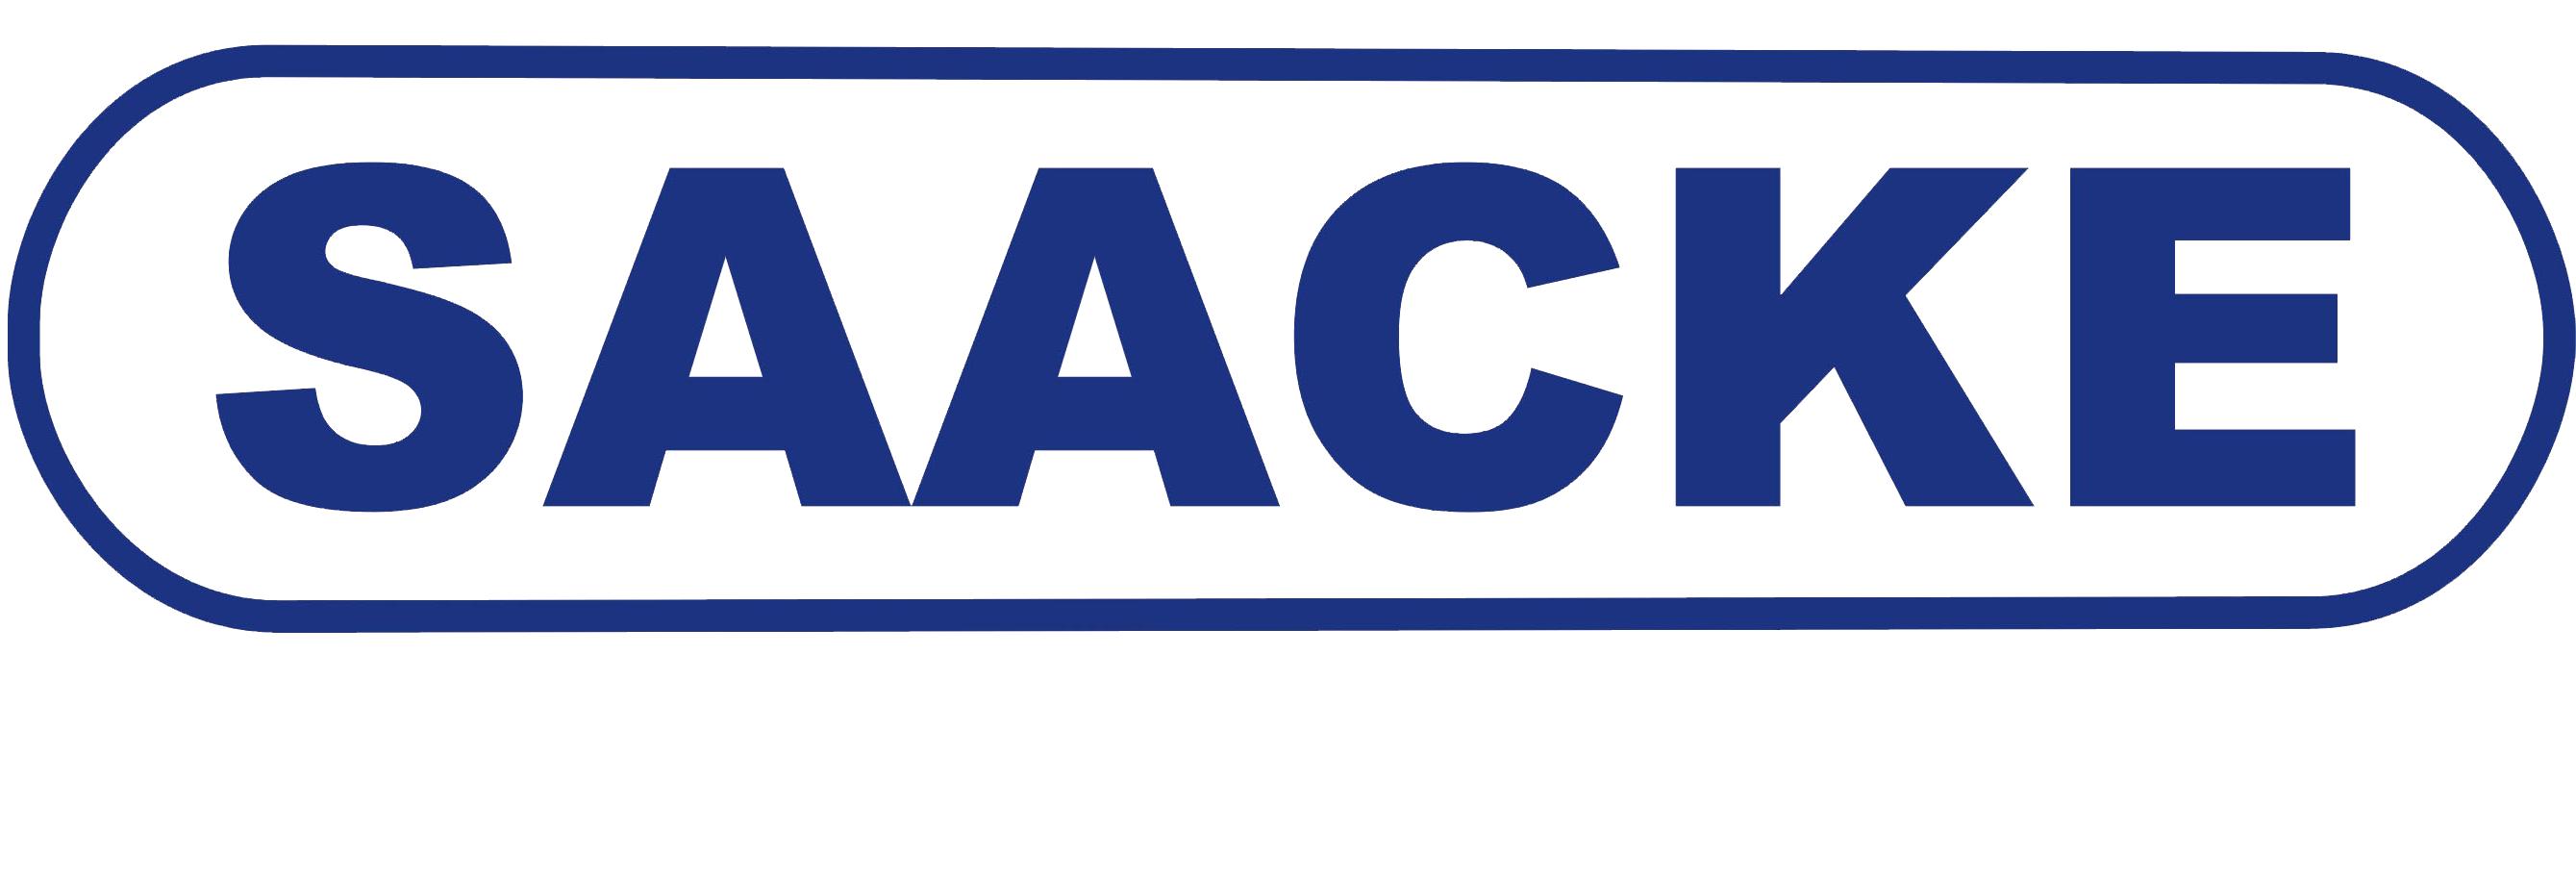 SAACKE-Marine-Systems-TPK-NOVA-doo-Zagreb